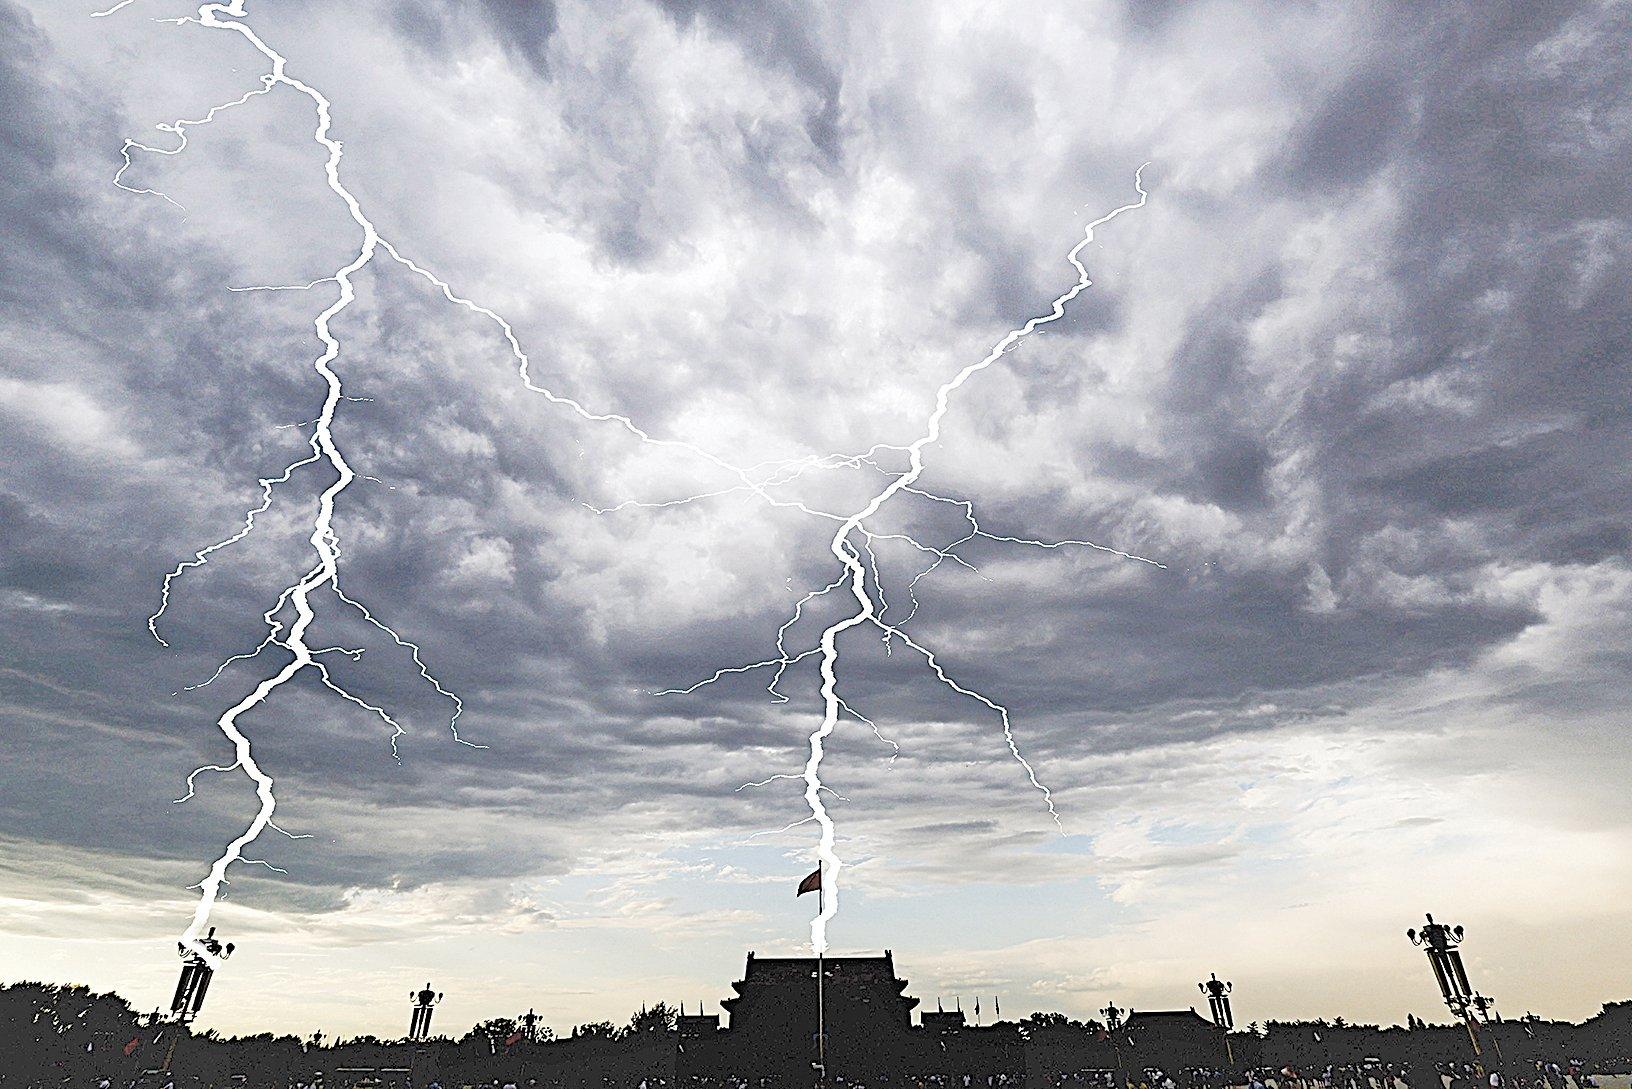 9月3日,在中共紀念抗戰座談會上,習近平連稱五次「絕不答應」,貌似強硬,實則透露了中共面臨垮台的恐懼。(Feng Li/Getty Images)